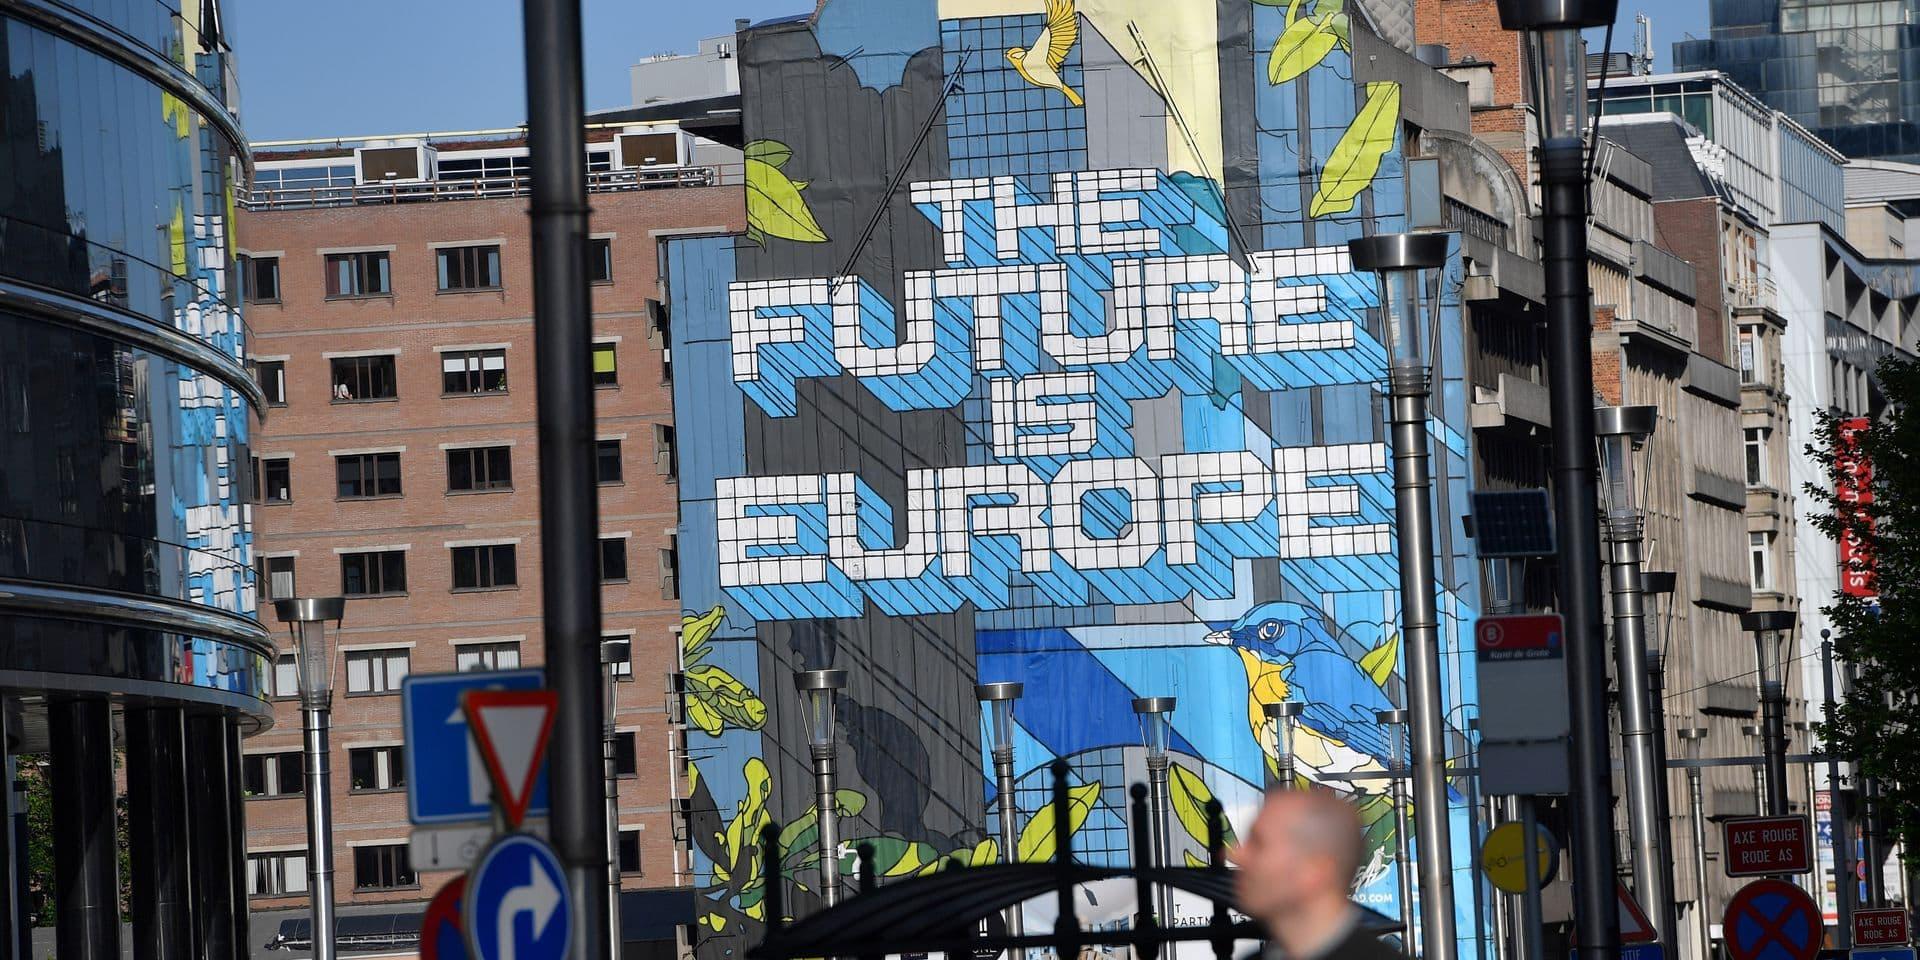 """Quels sont les atouts de l'Union européenne pour peser dans le monde ? Elle """"a toutes les cartes en main pour devenir un acteur plus fort"""""""